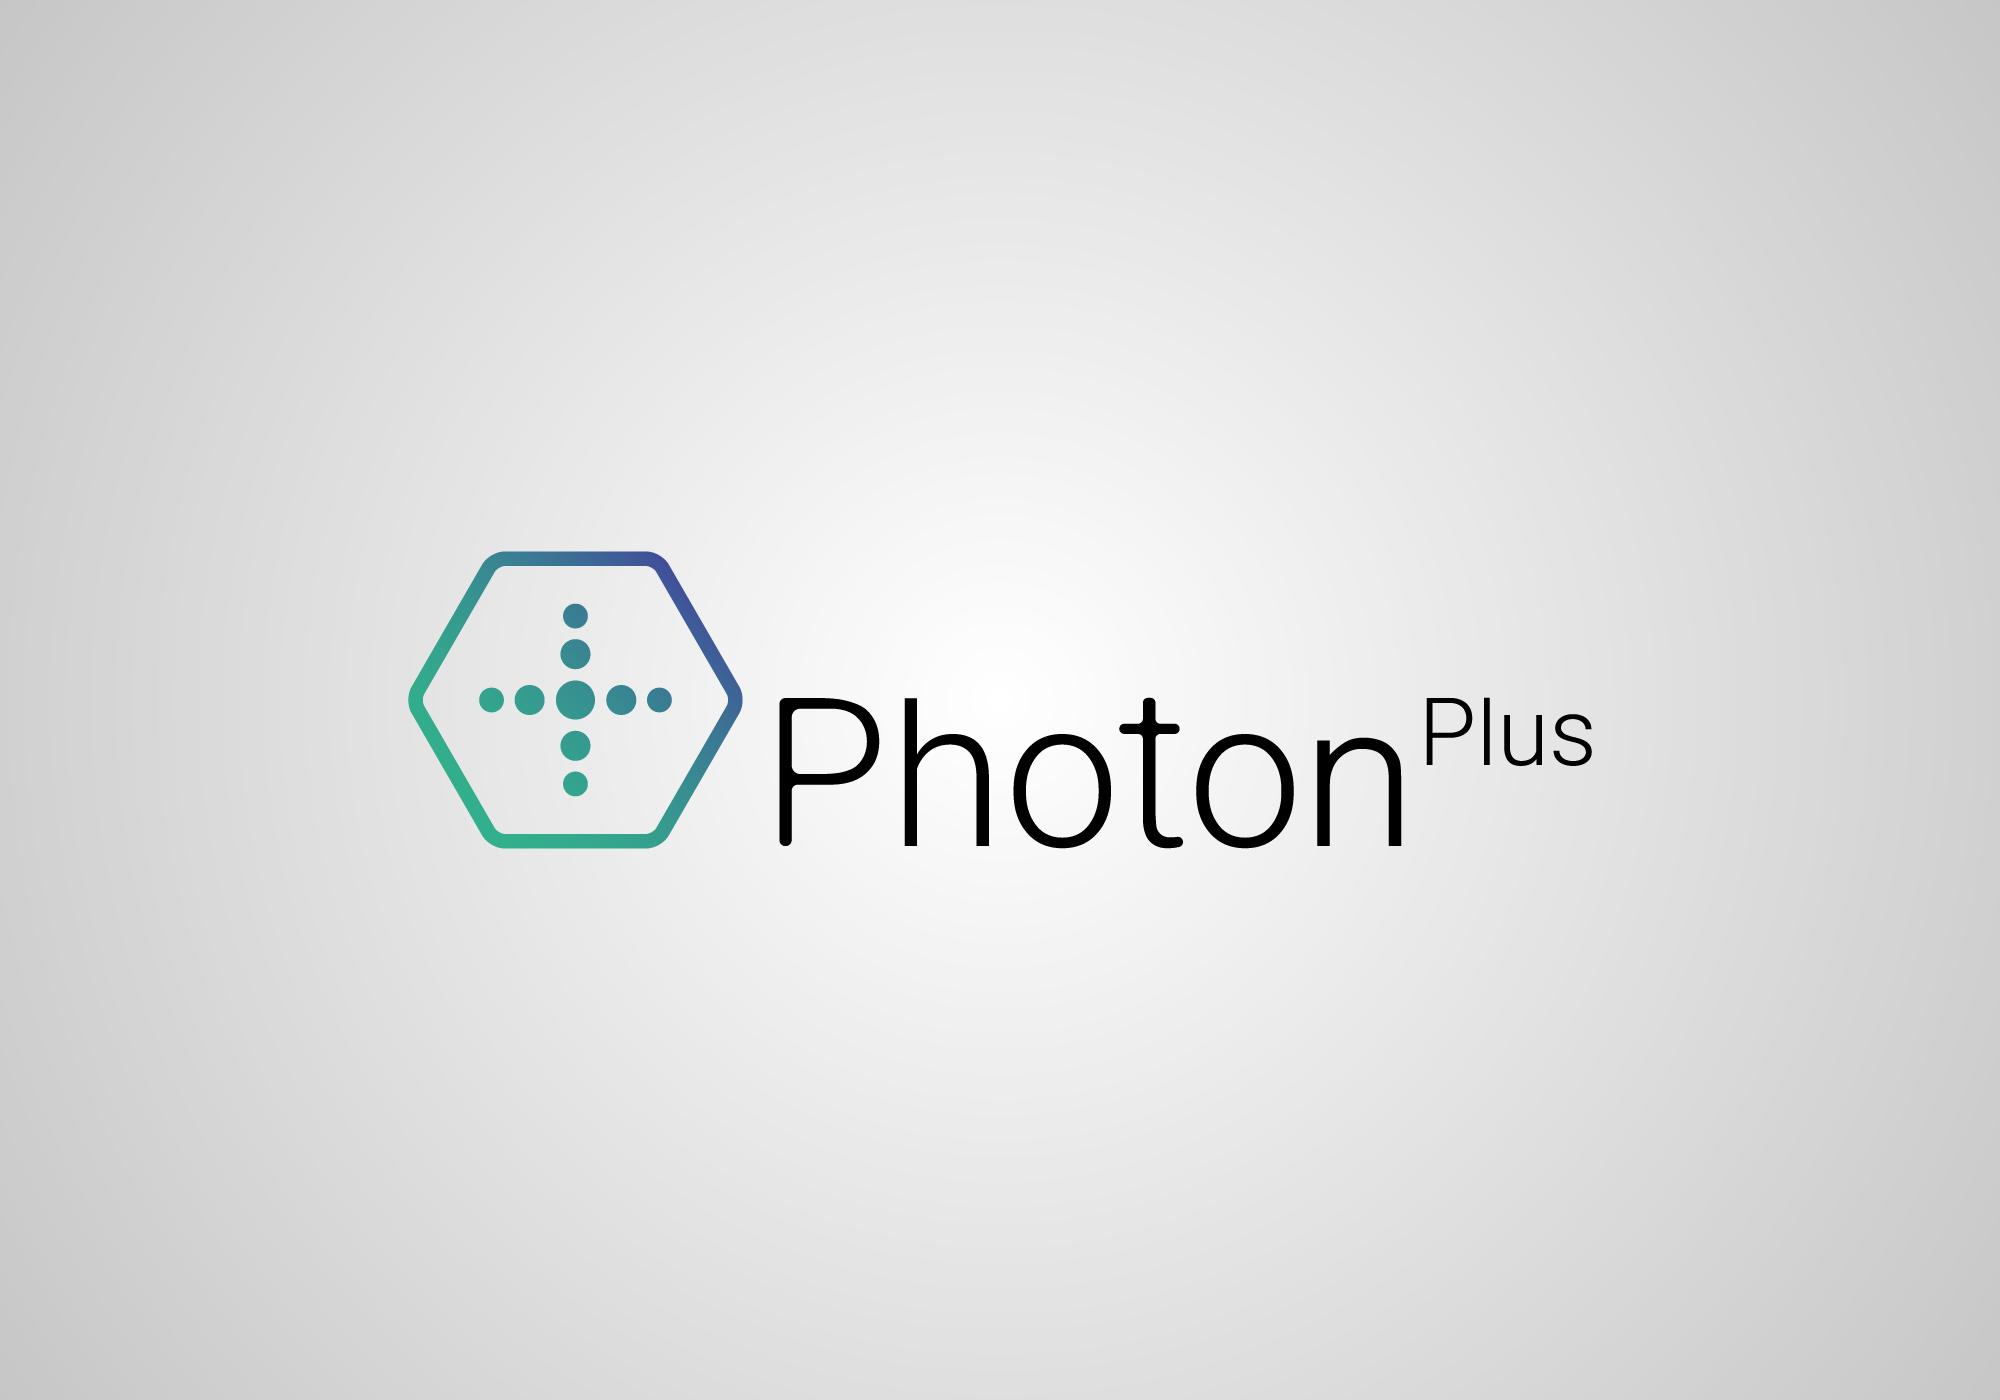 photonplus-01